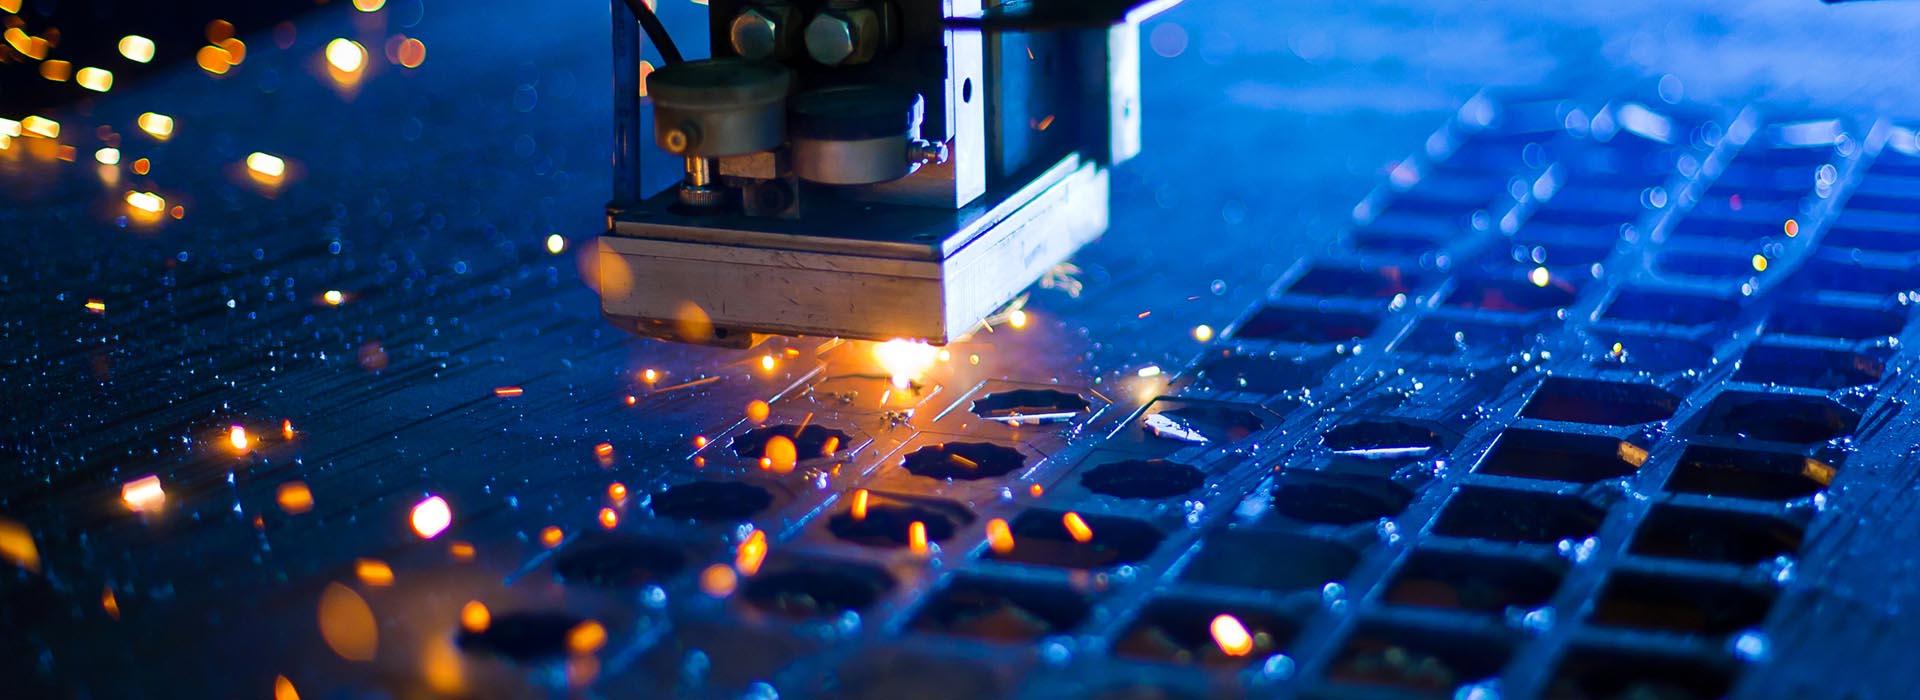 manufacturing_blog_700